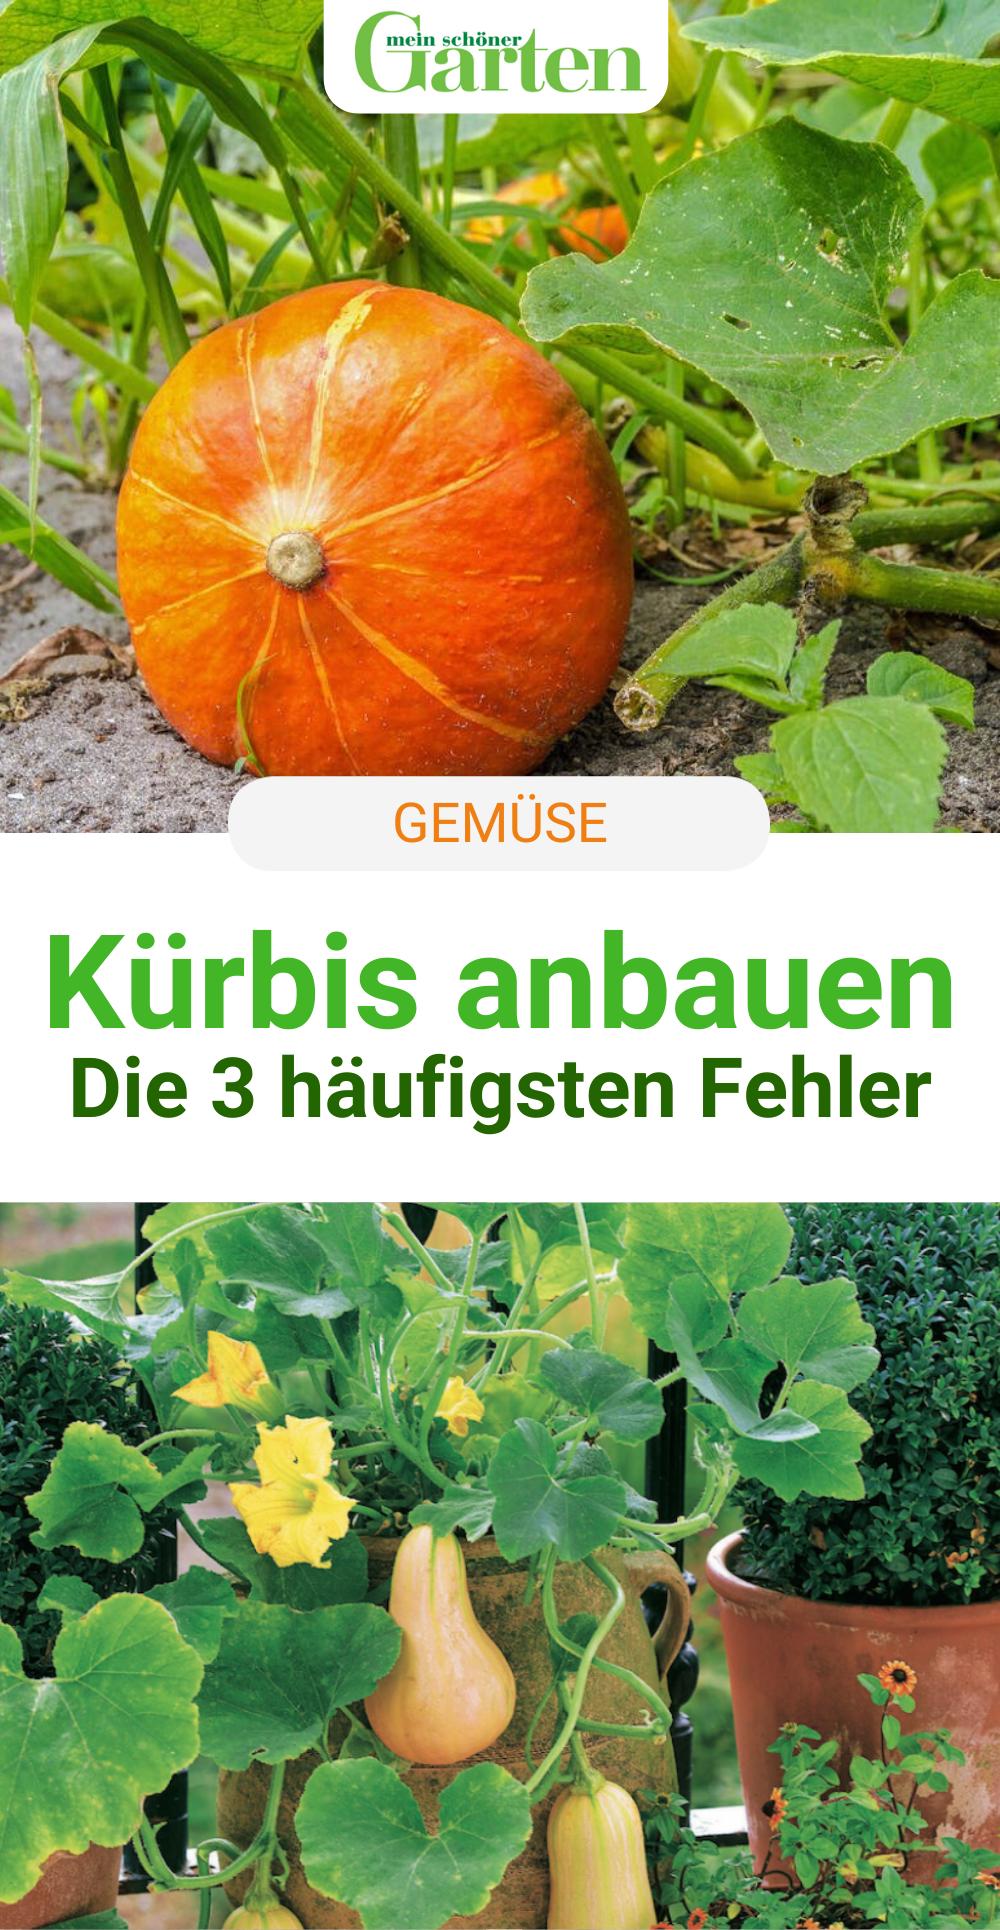 Kurbis Anbauen Die 3 Haufigsten Fehler In 2020 Garten Pflanzen Kurbis Pflanzen Garten